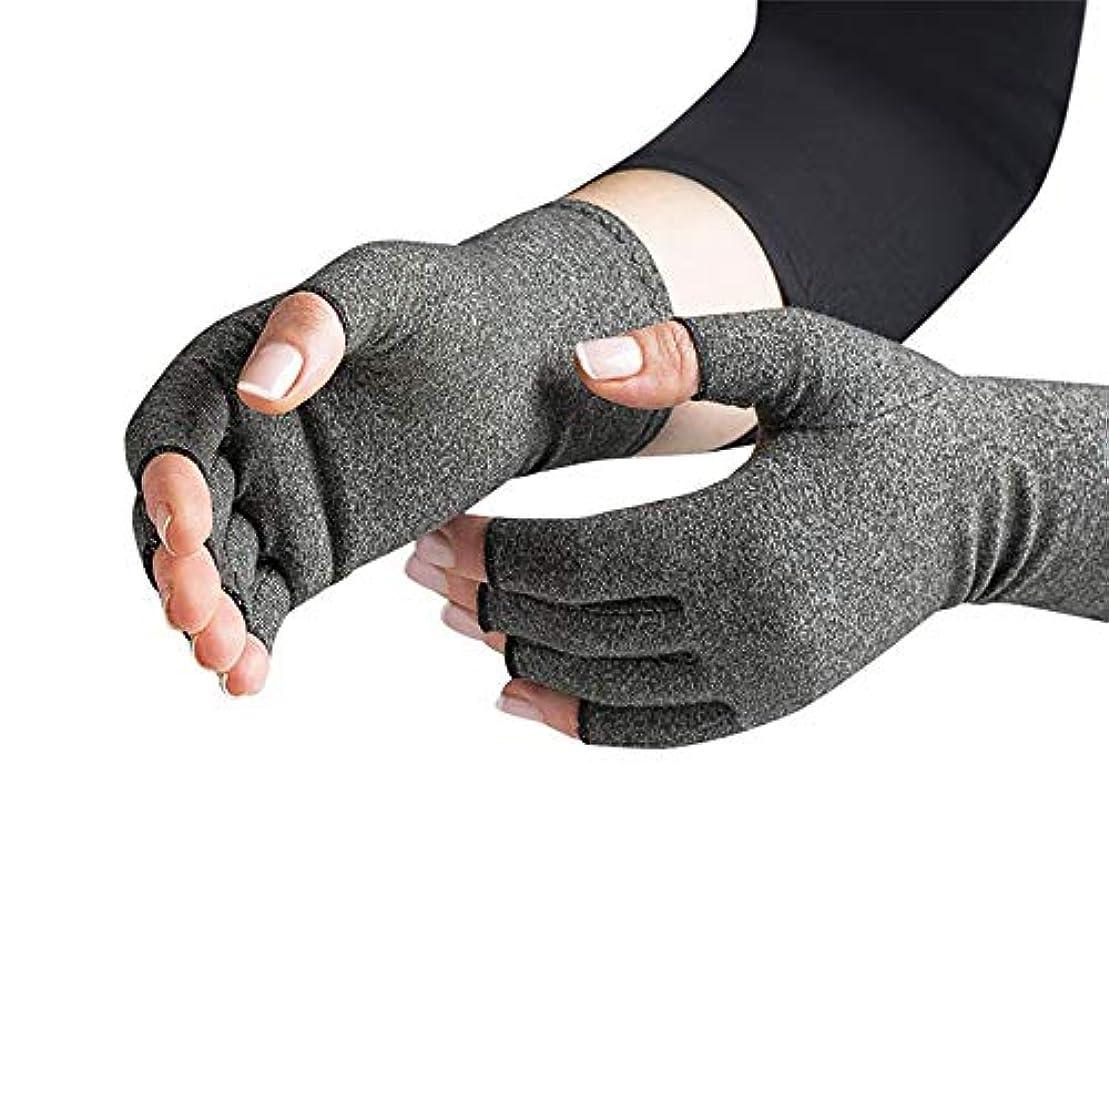 楕円形ラボ淡い関節炎圧縮手袋-女性と男性のための関節炎の痛みを軽減するハンドウォーマー